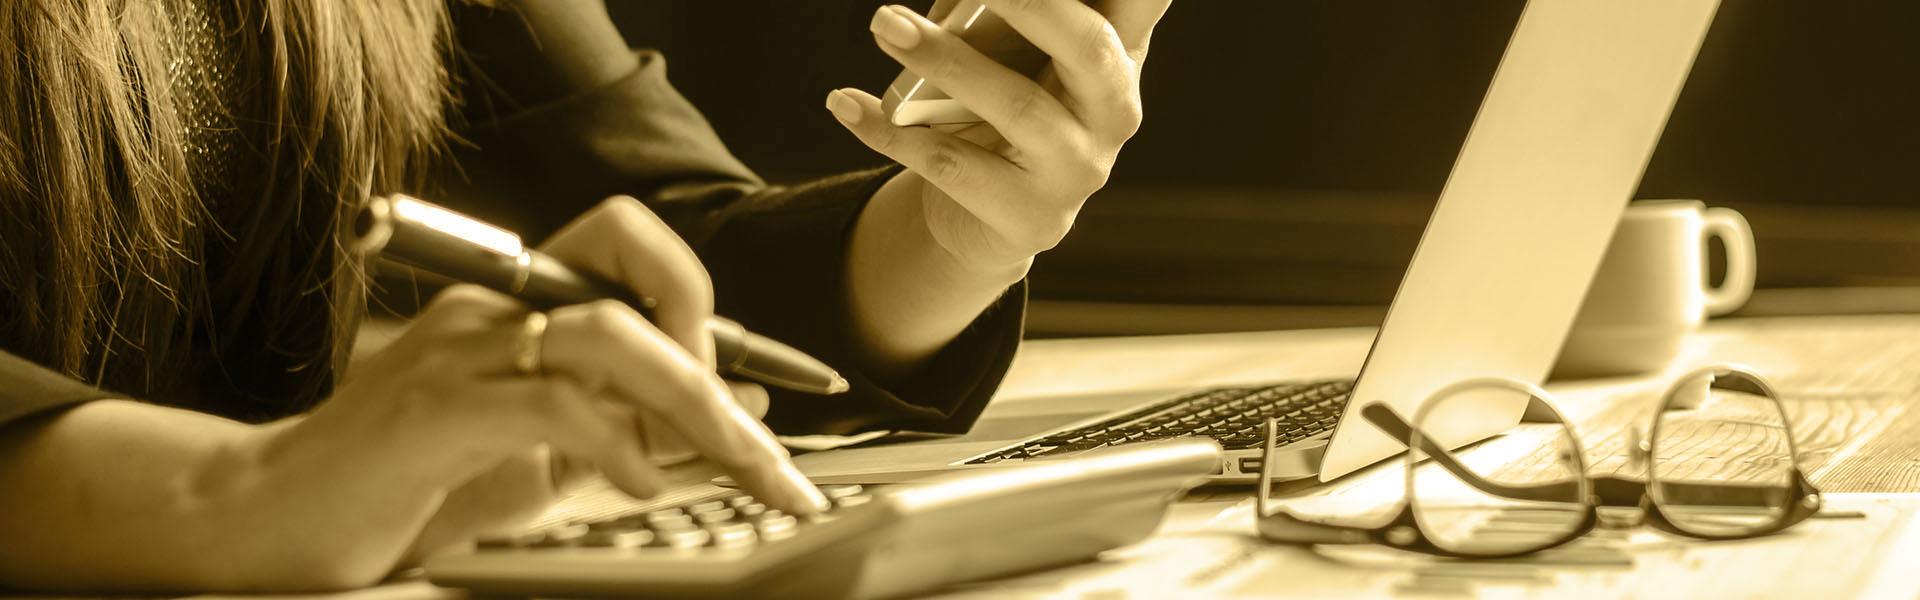 Krótkie podsumowania czy faktoring się opłaca